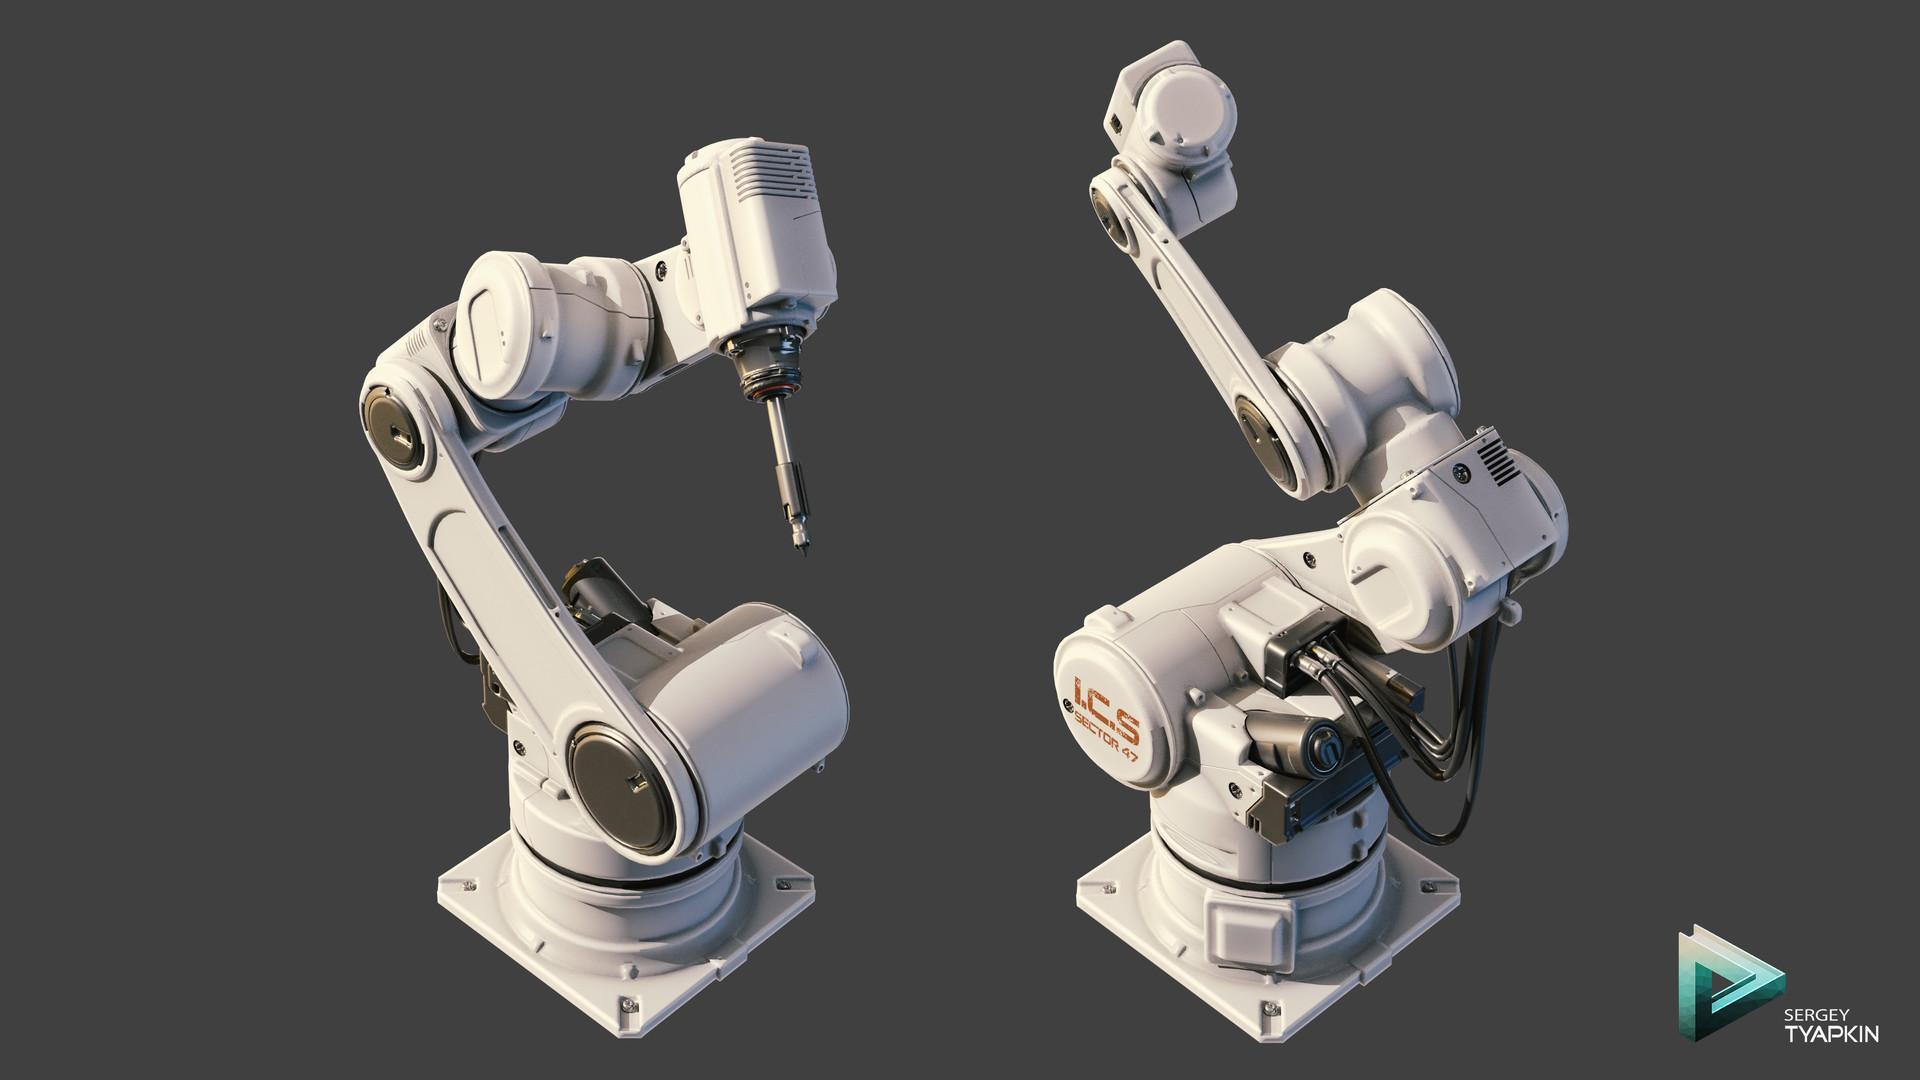 Sergey tyapkin day9 roboticarm 5hours